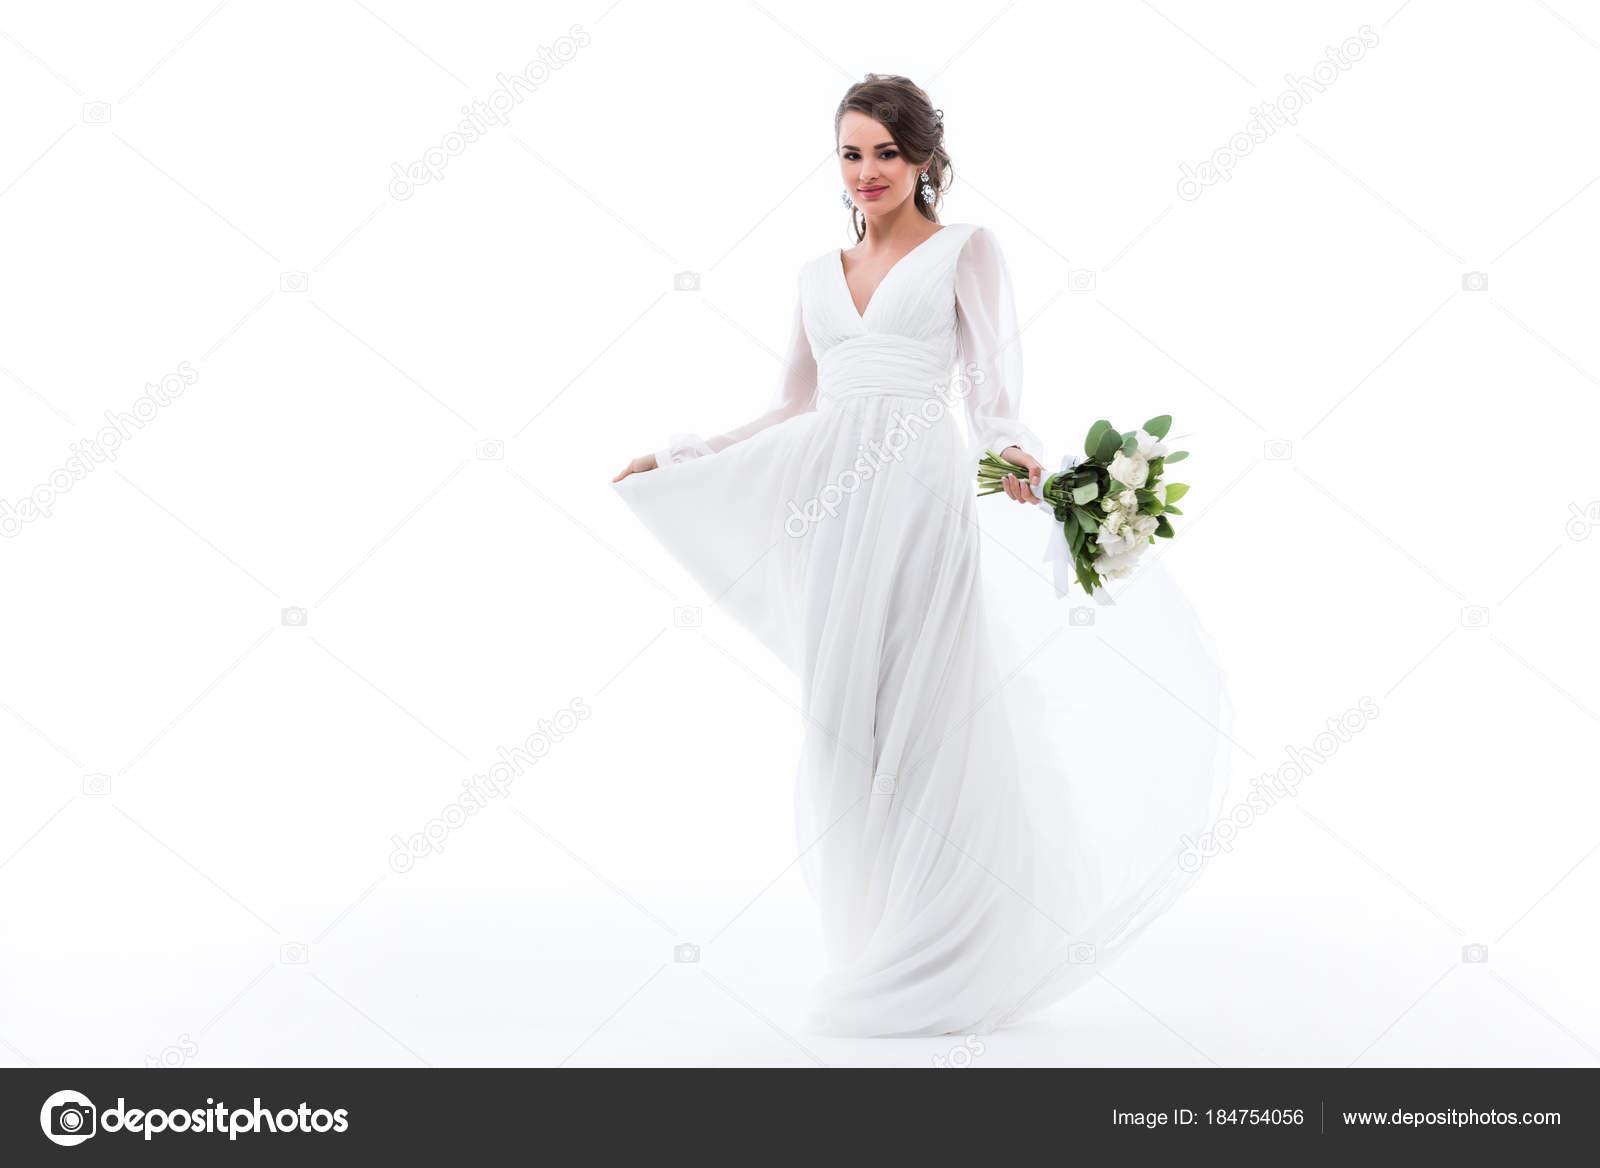 Witte Jurk Op Een Bruiloft.Aantrekkelijke Bruid Poseren Witte Jurk Met Bruiloft Boeket